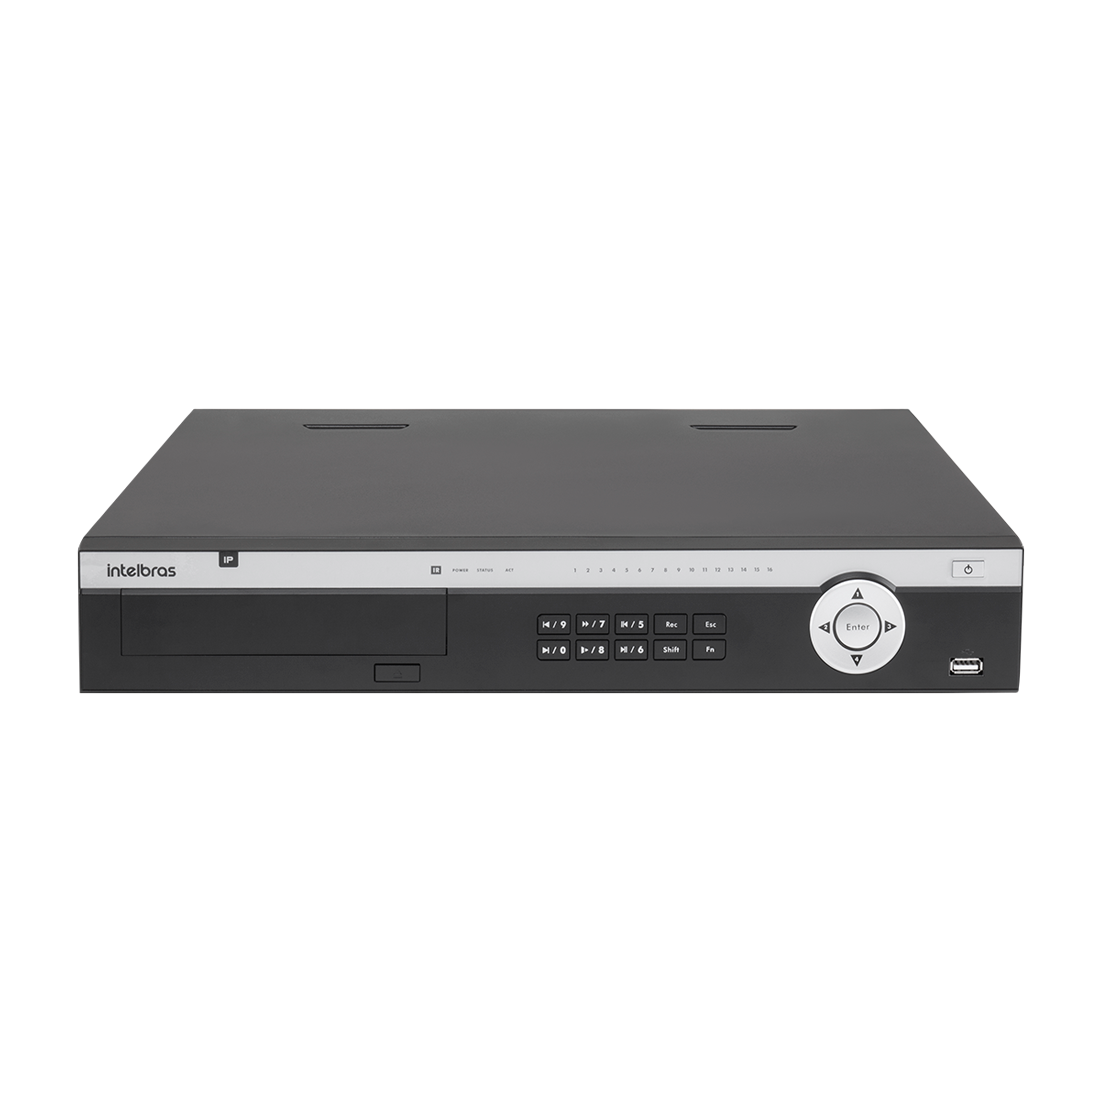 DVR gravador de imagem NVD 5124 com HD 1 TERA - INTELBRAS